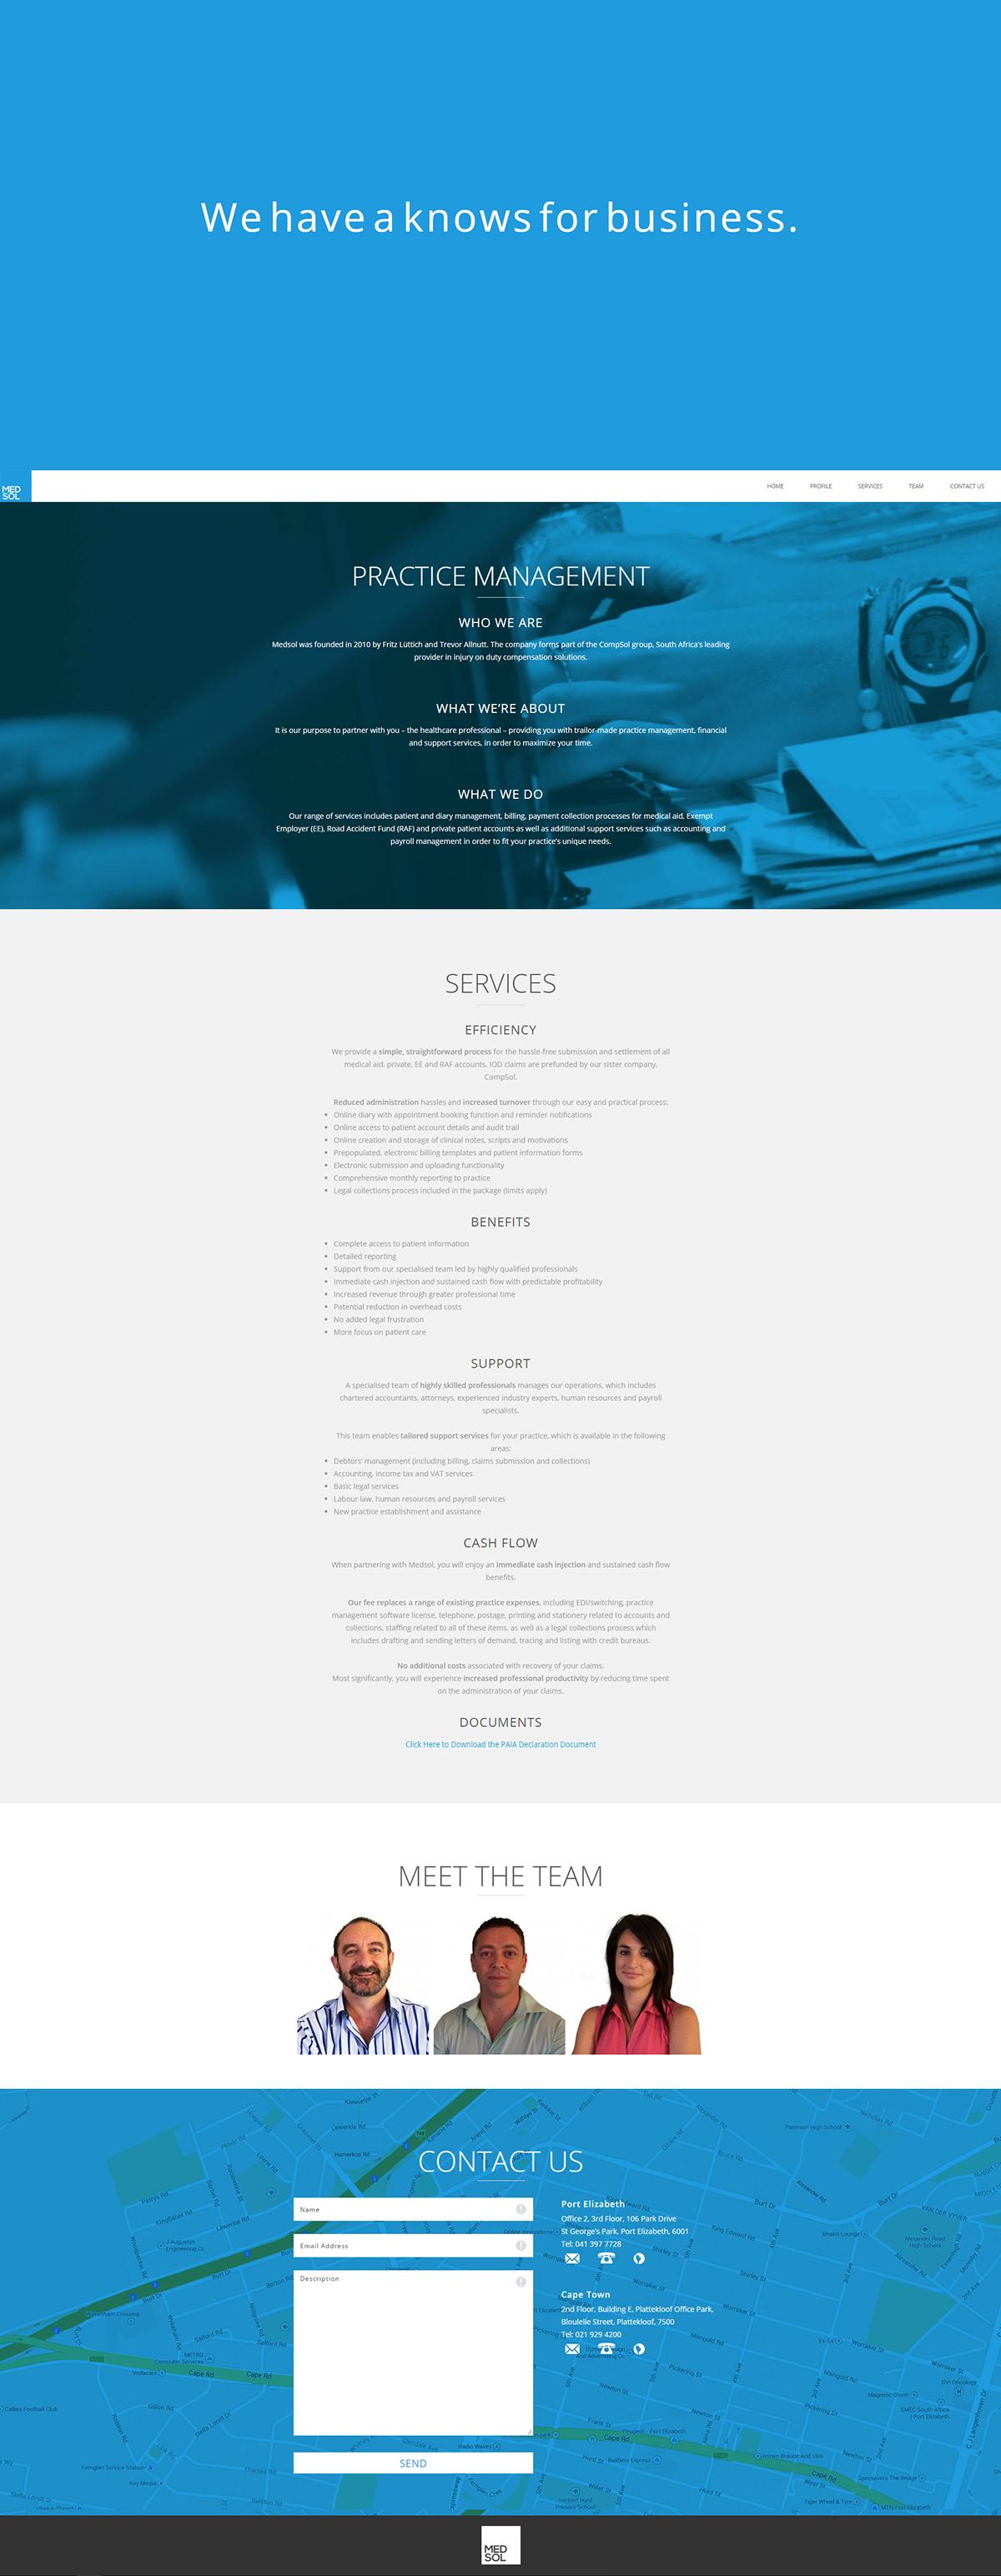 branding  graphic design  UI/UX Web Design